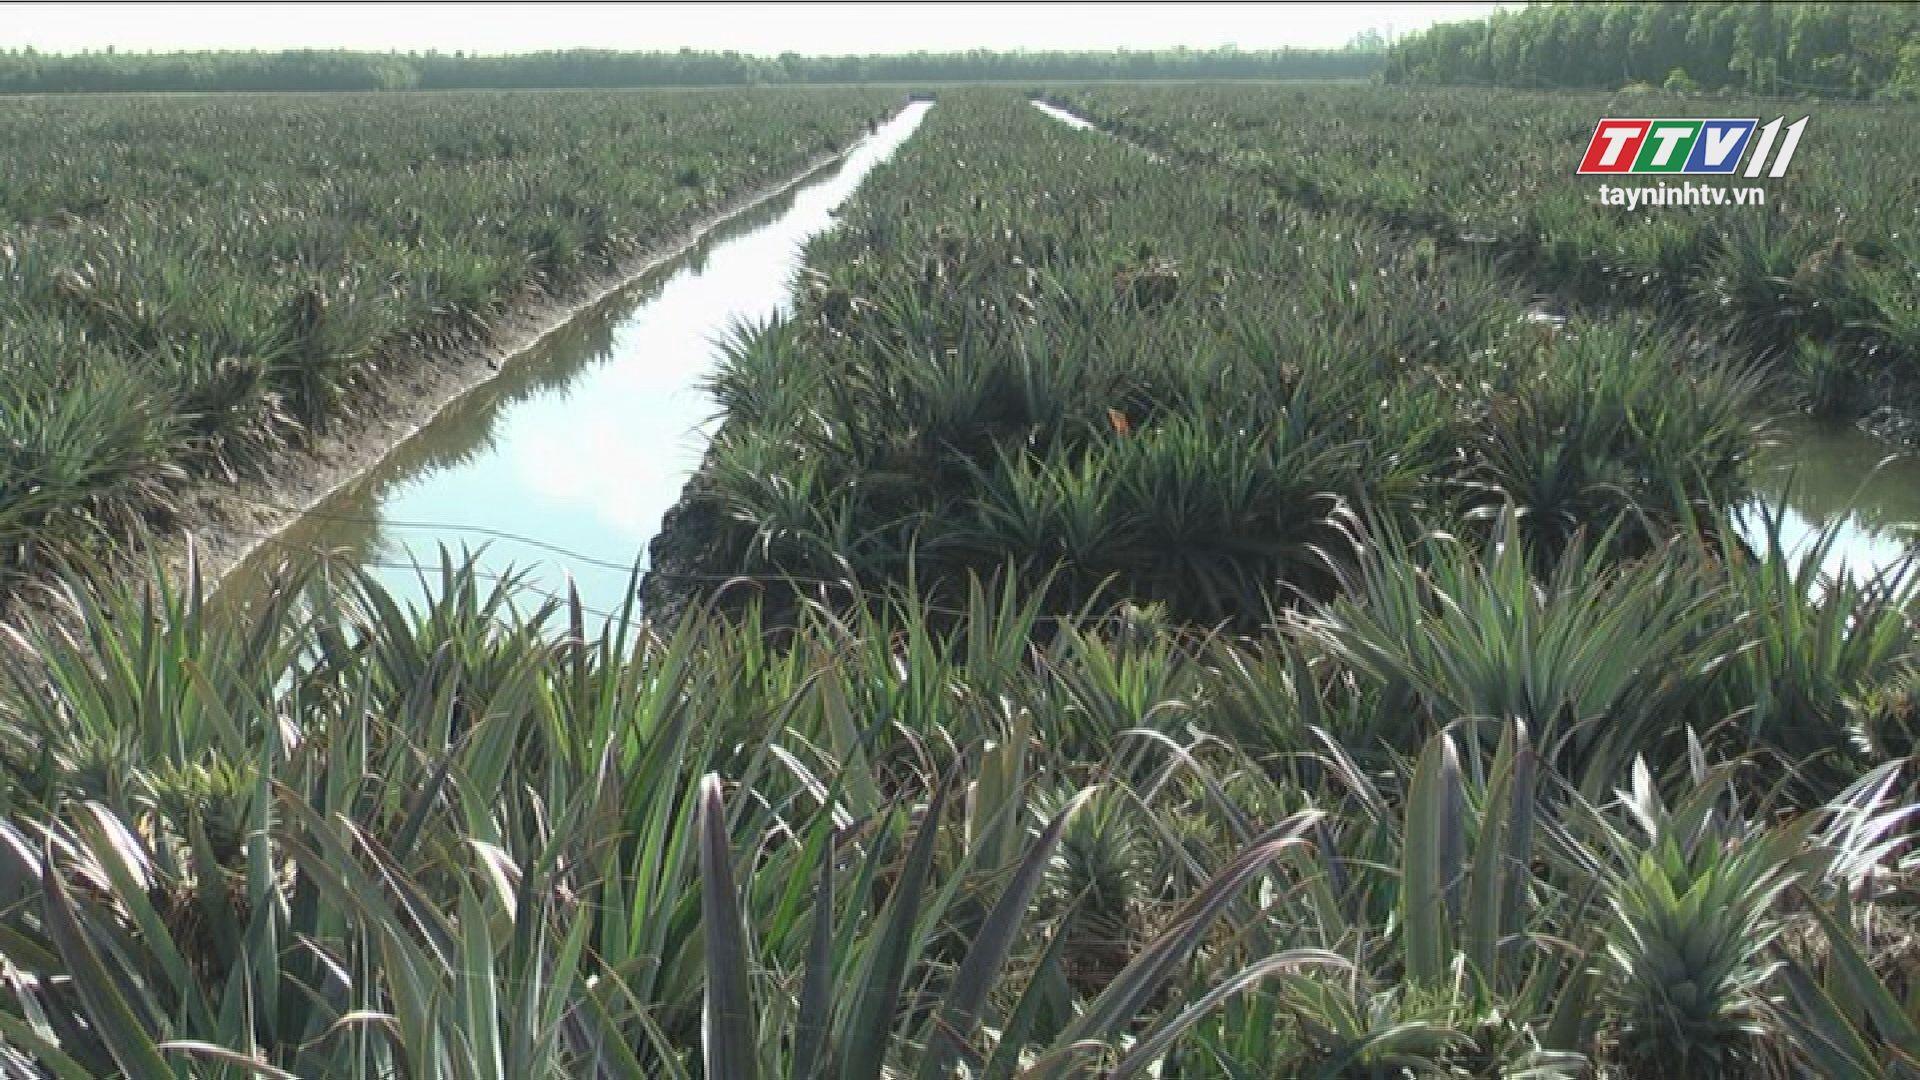 Nông nghiệp Tây Ninh từng bước ứng dụng công nghệ cao | NÔNG NGHIỆP TÂY NINH | TayNinhTV